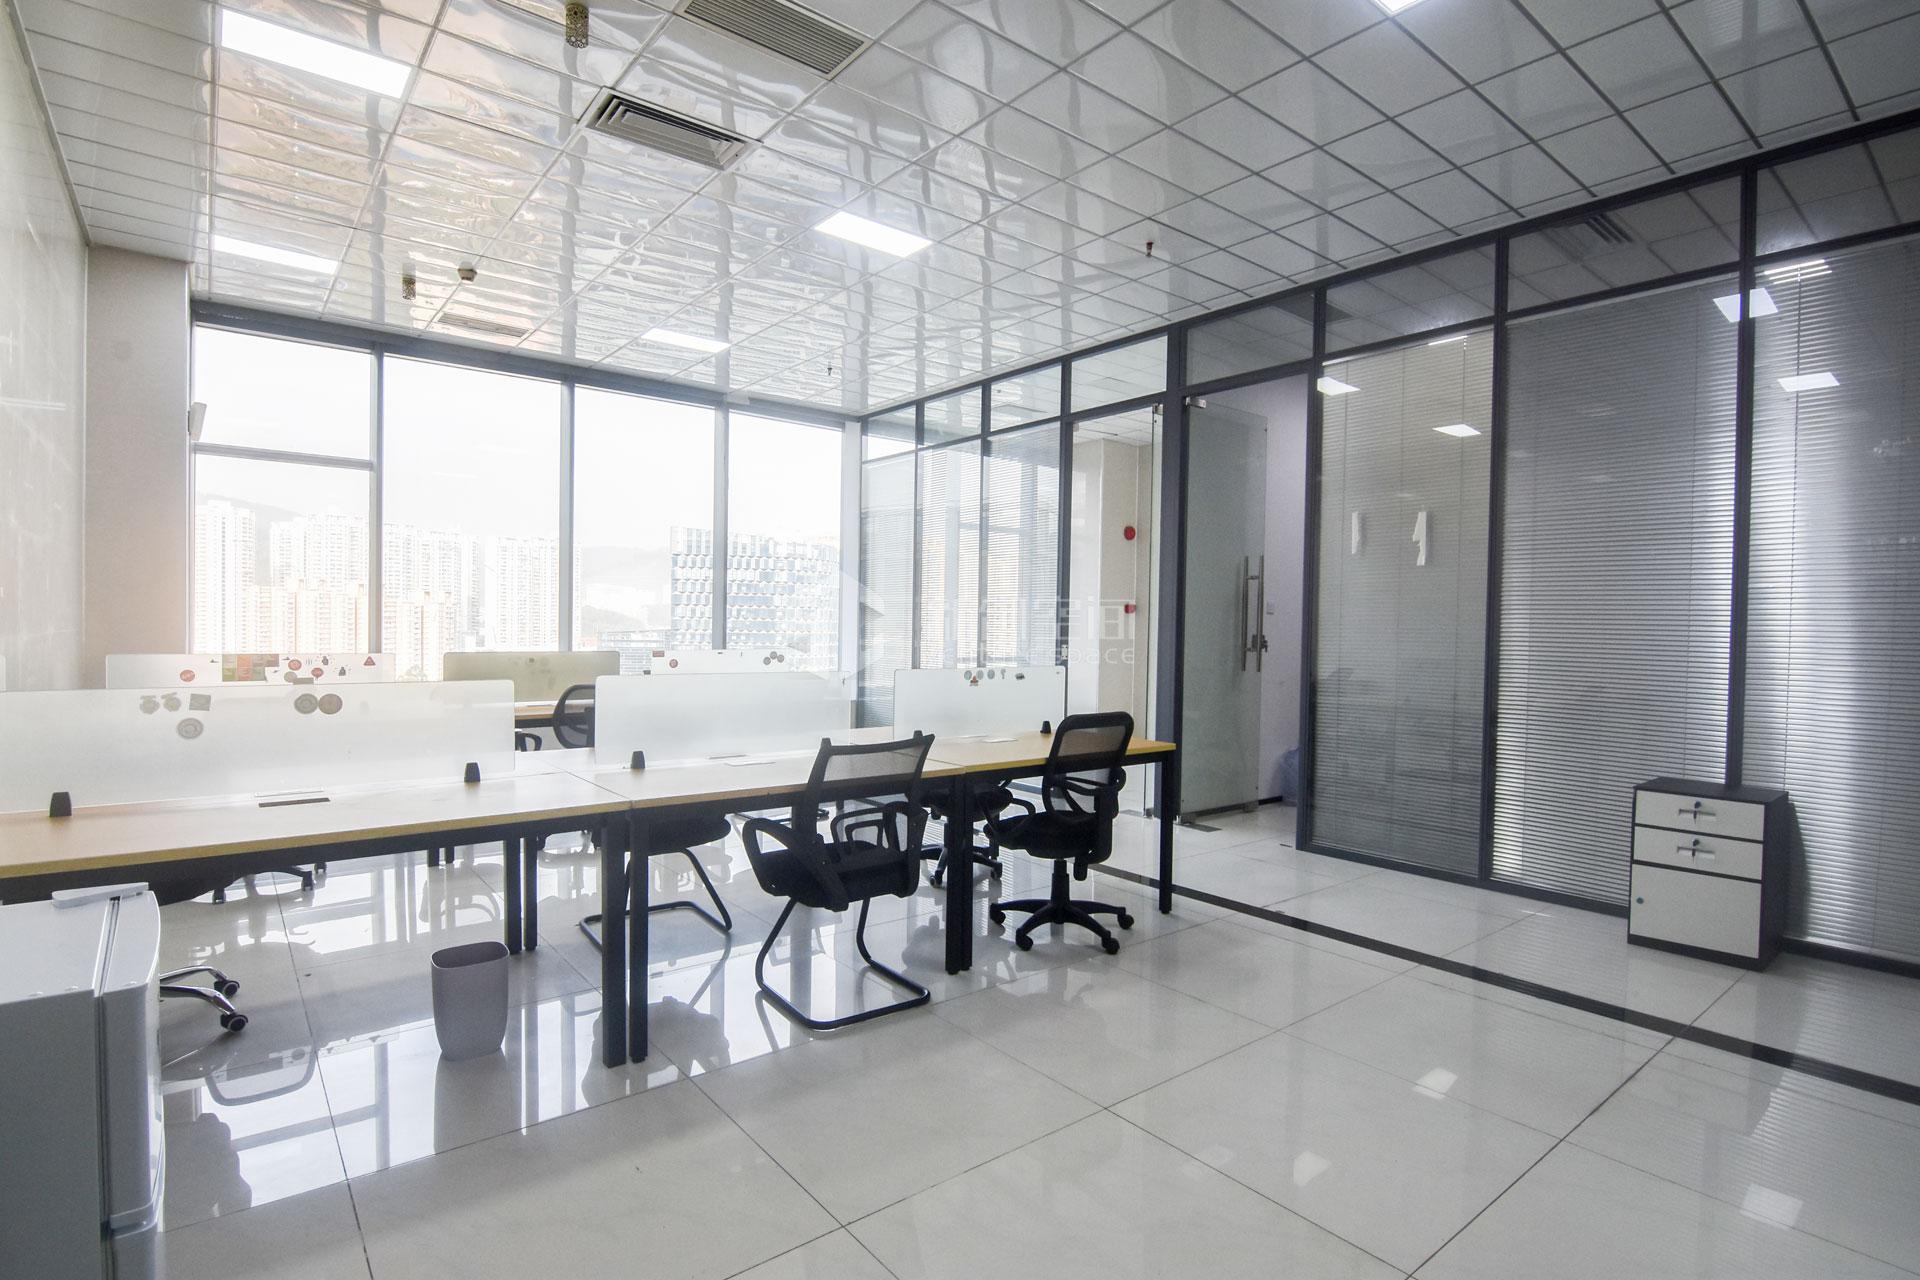 智慧广场192m²办公室出租17088元/月